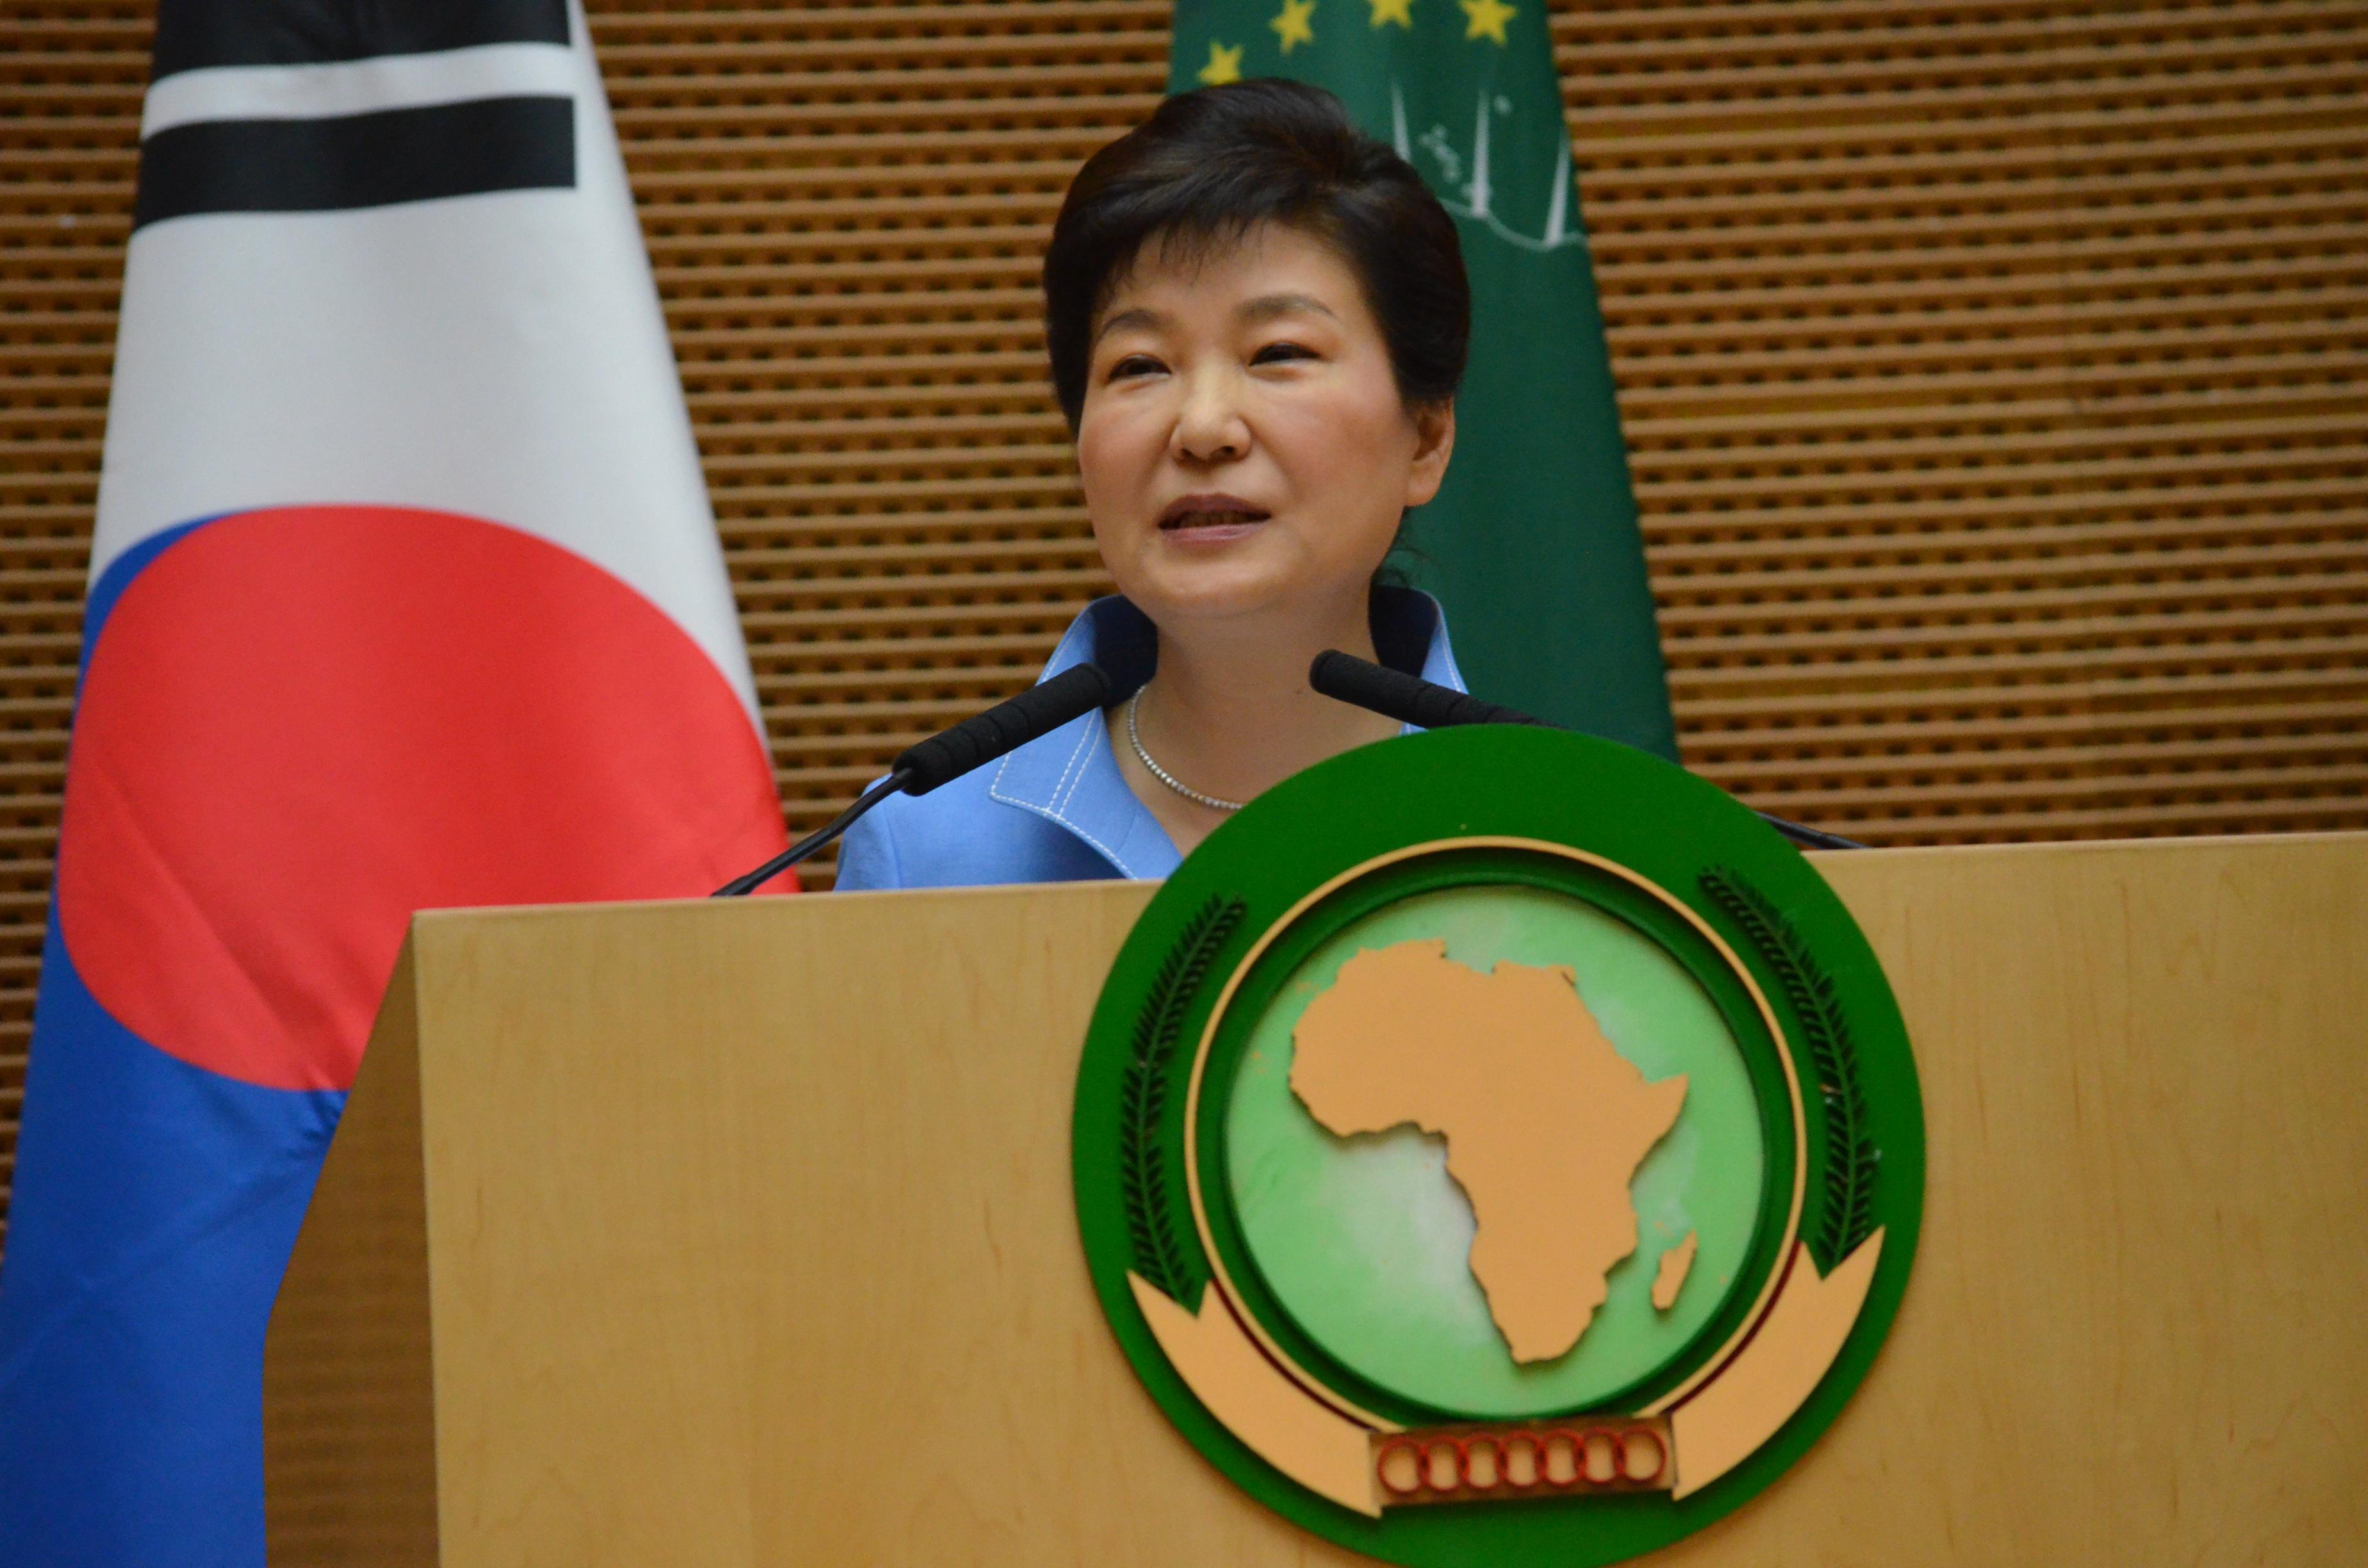 Die südkoreanische Staatspräsidentin Park Geun-hye hält eine Sonderrede am 27. Mai 2016 am Hauptsitz der Afrikanischen Union im äthiopischen Addis Abeba.